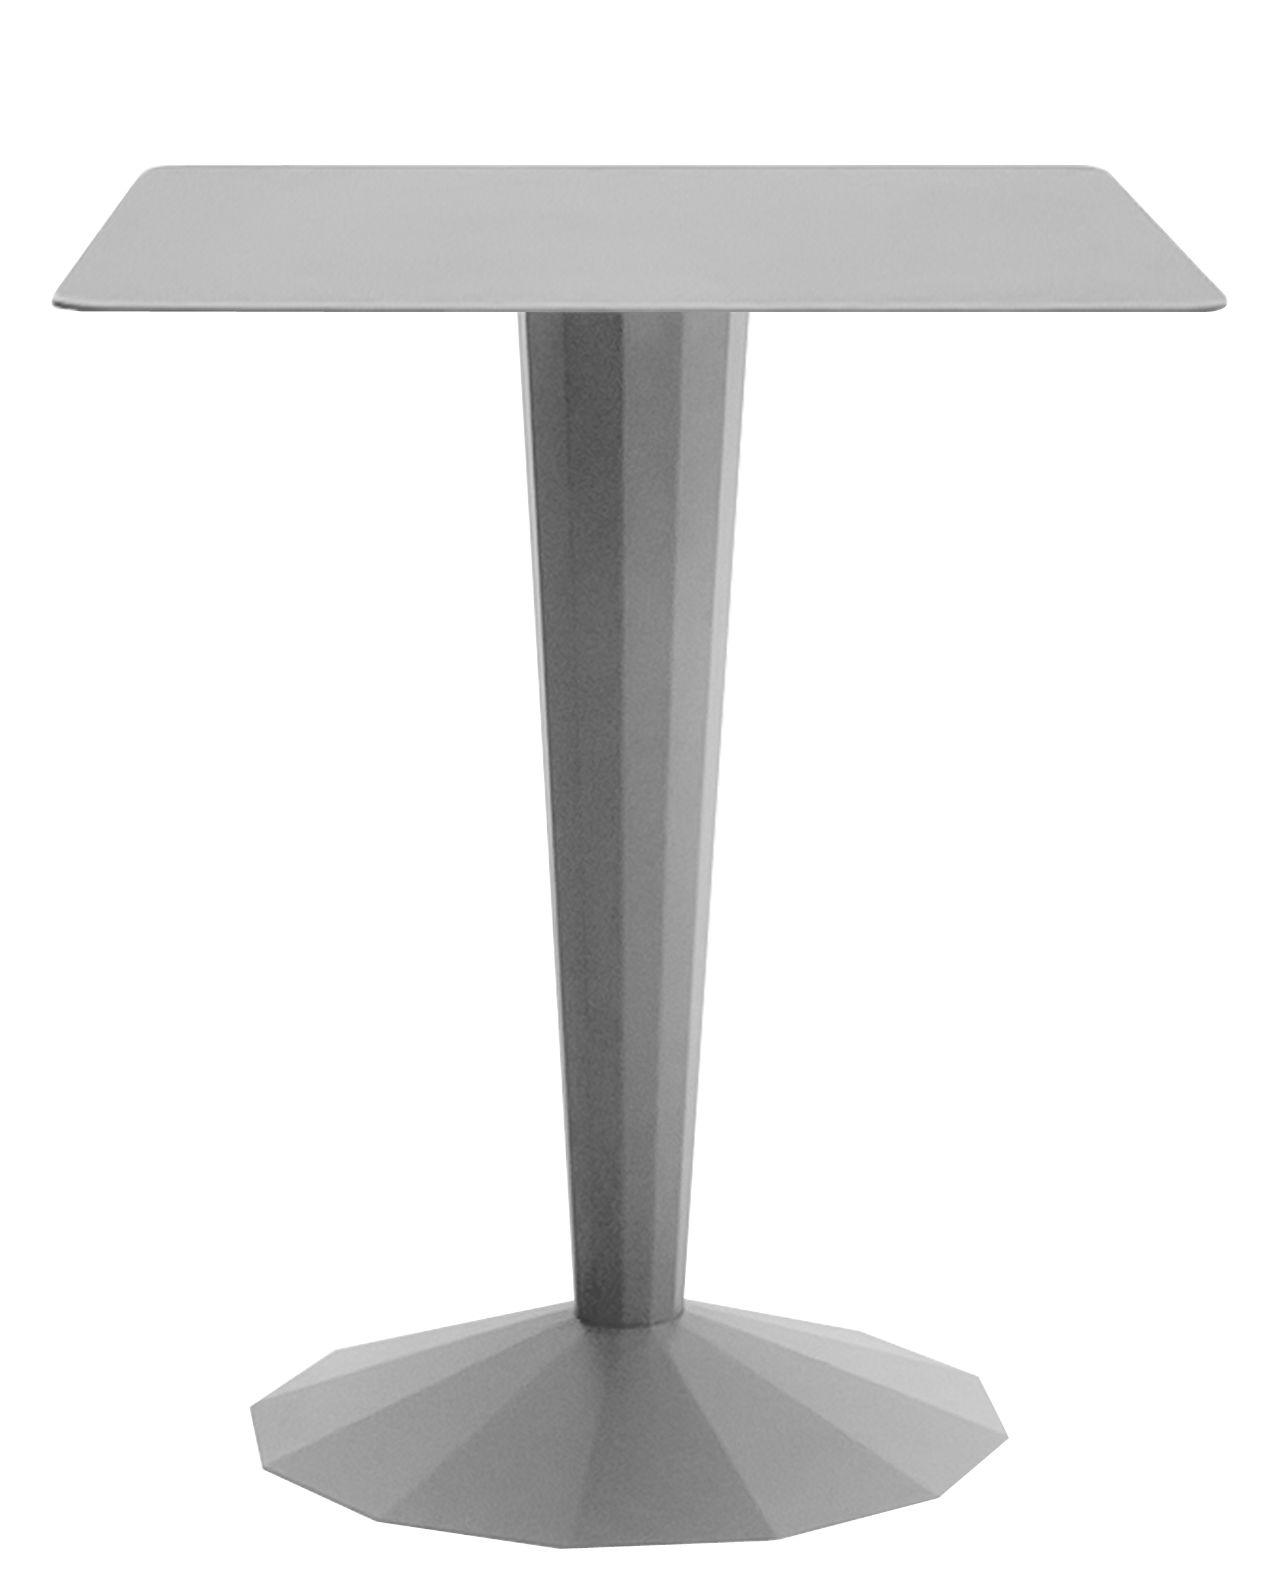 Mobilier - Tables - Table carrée Ankara S / 70x70 cm - Matière Grise - Gris alu - Acier